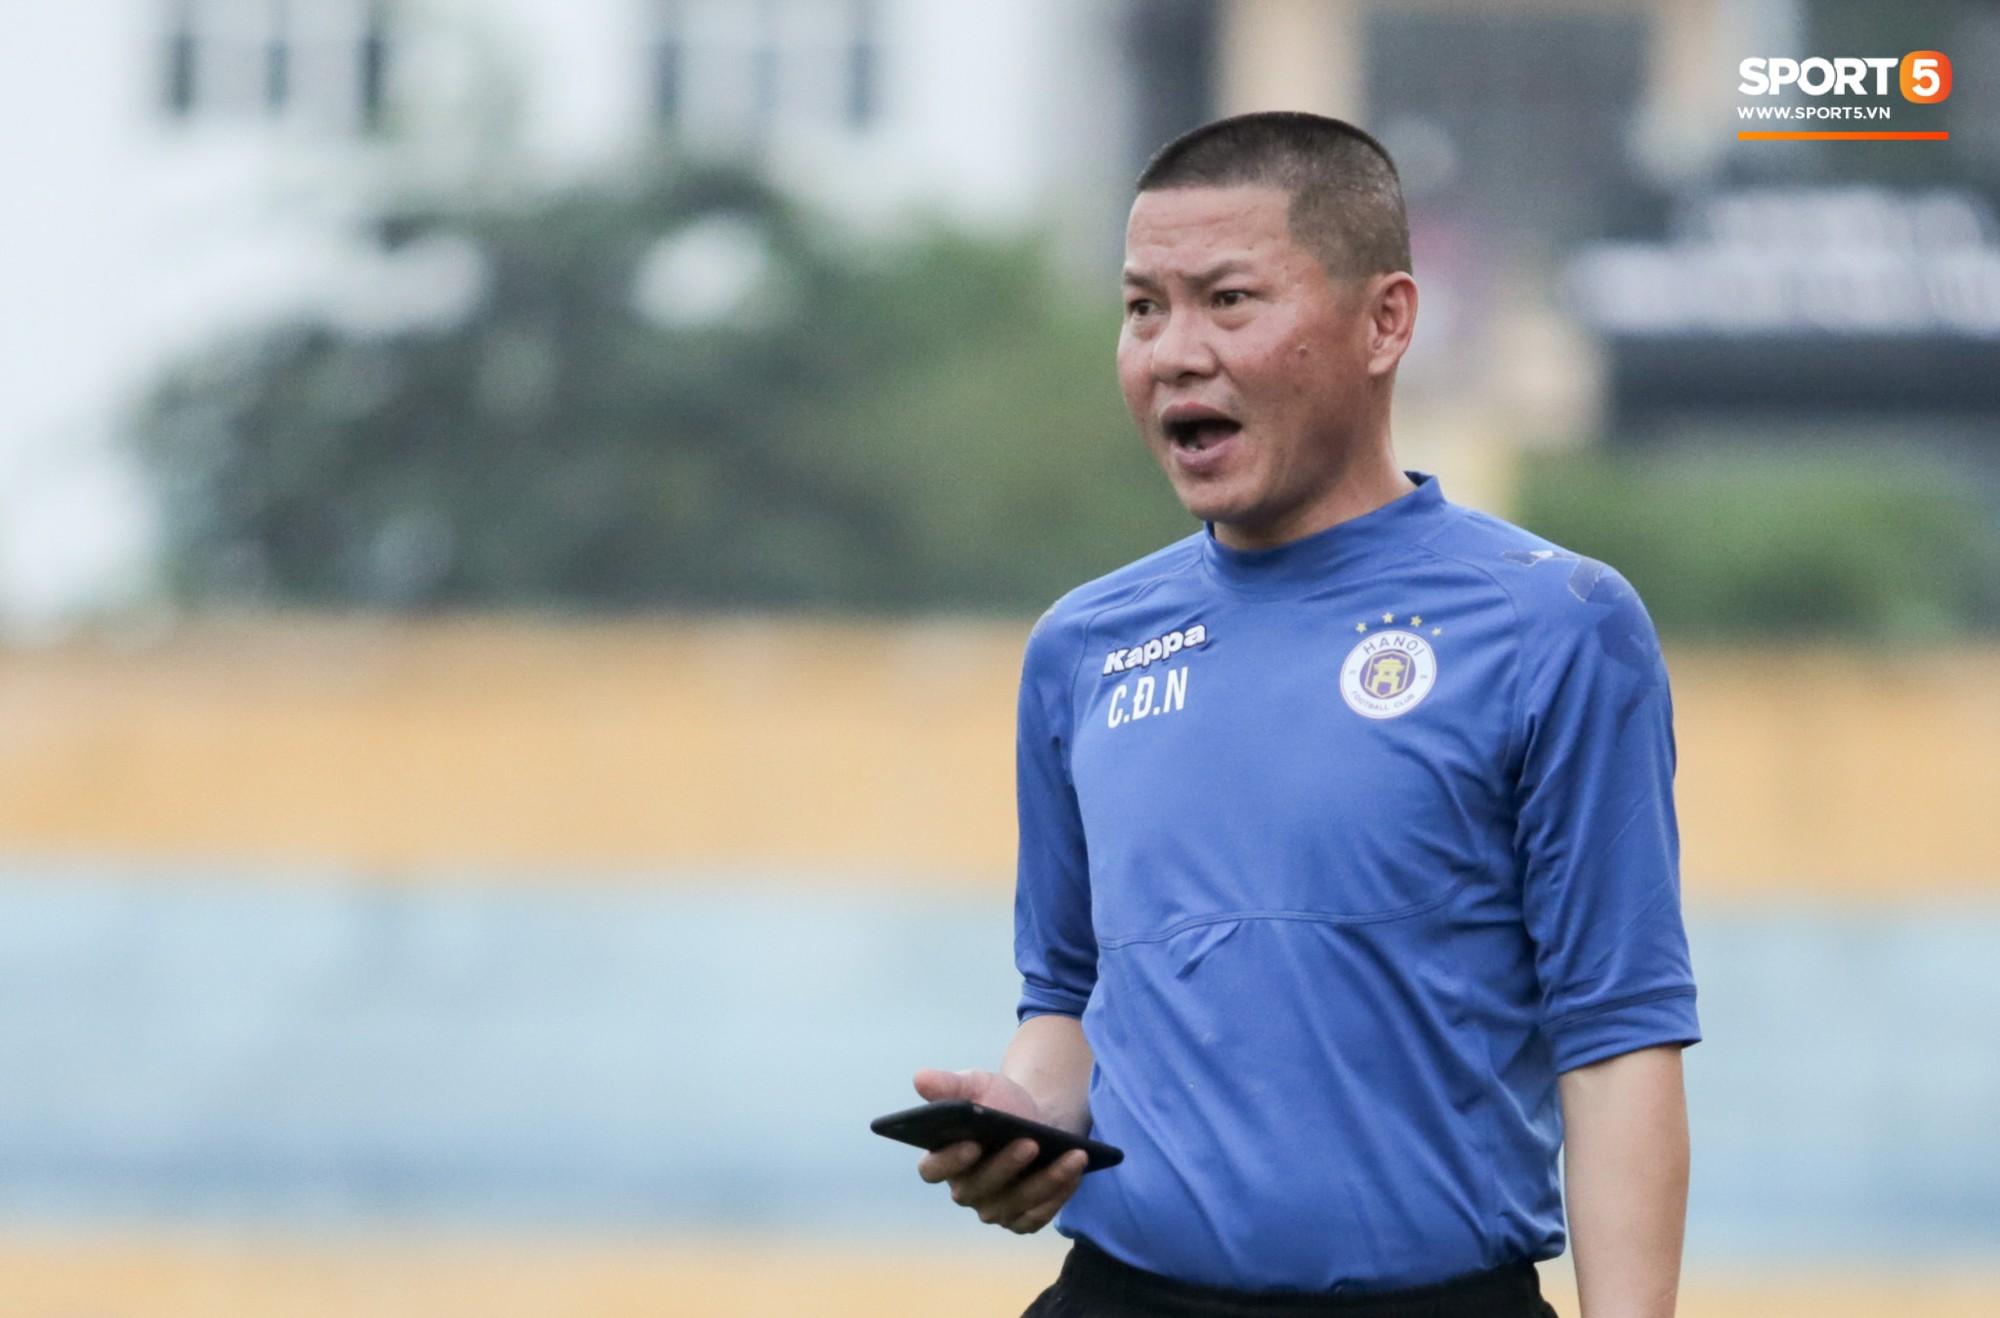 """Hà Nội Fc: HLV Hà Nội FC: """"Án Phạt Của VFF Là Bất Công Với Fan Văn Minh"""""""